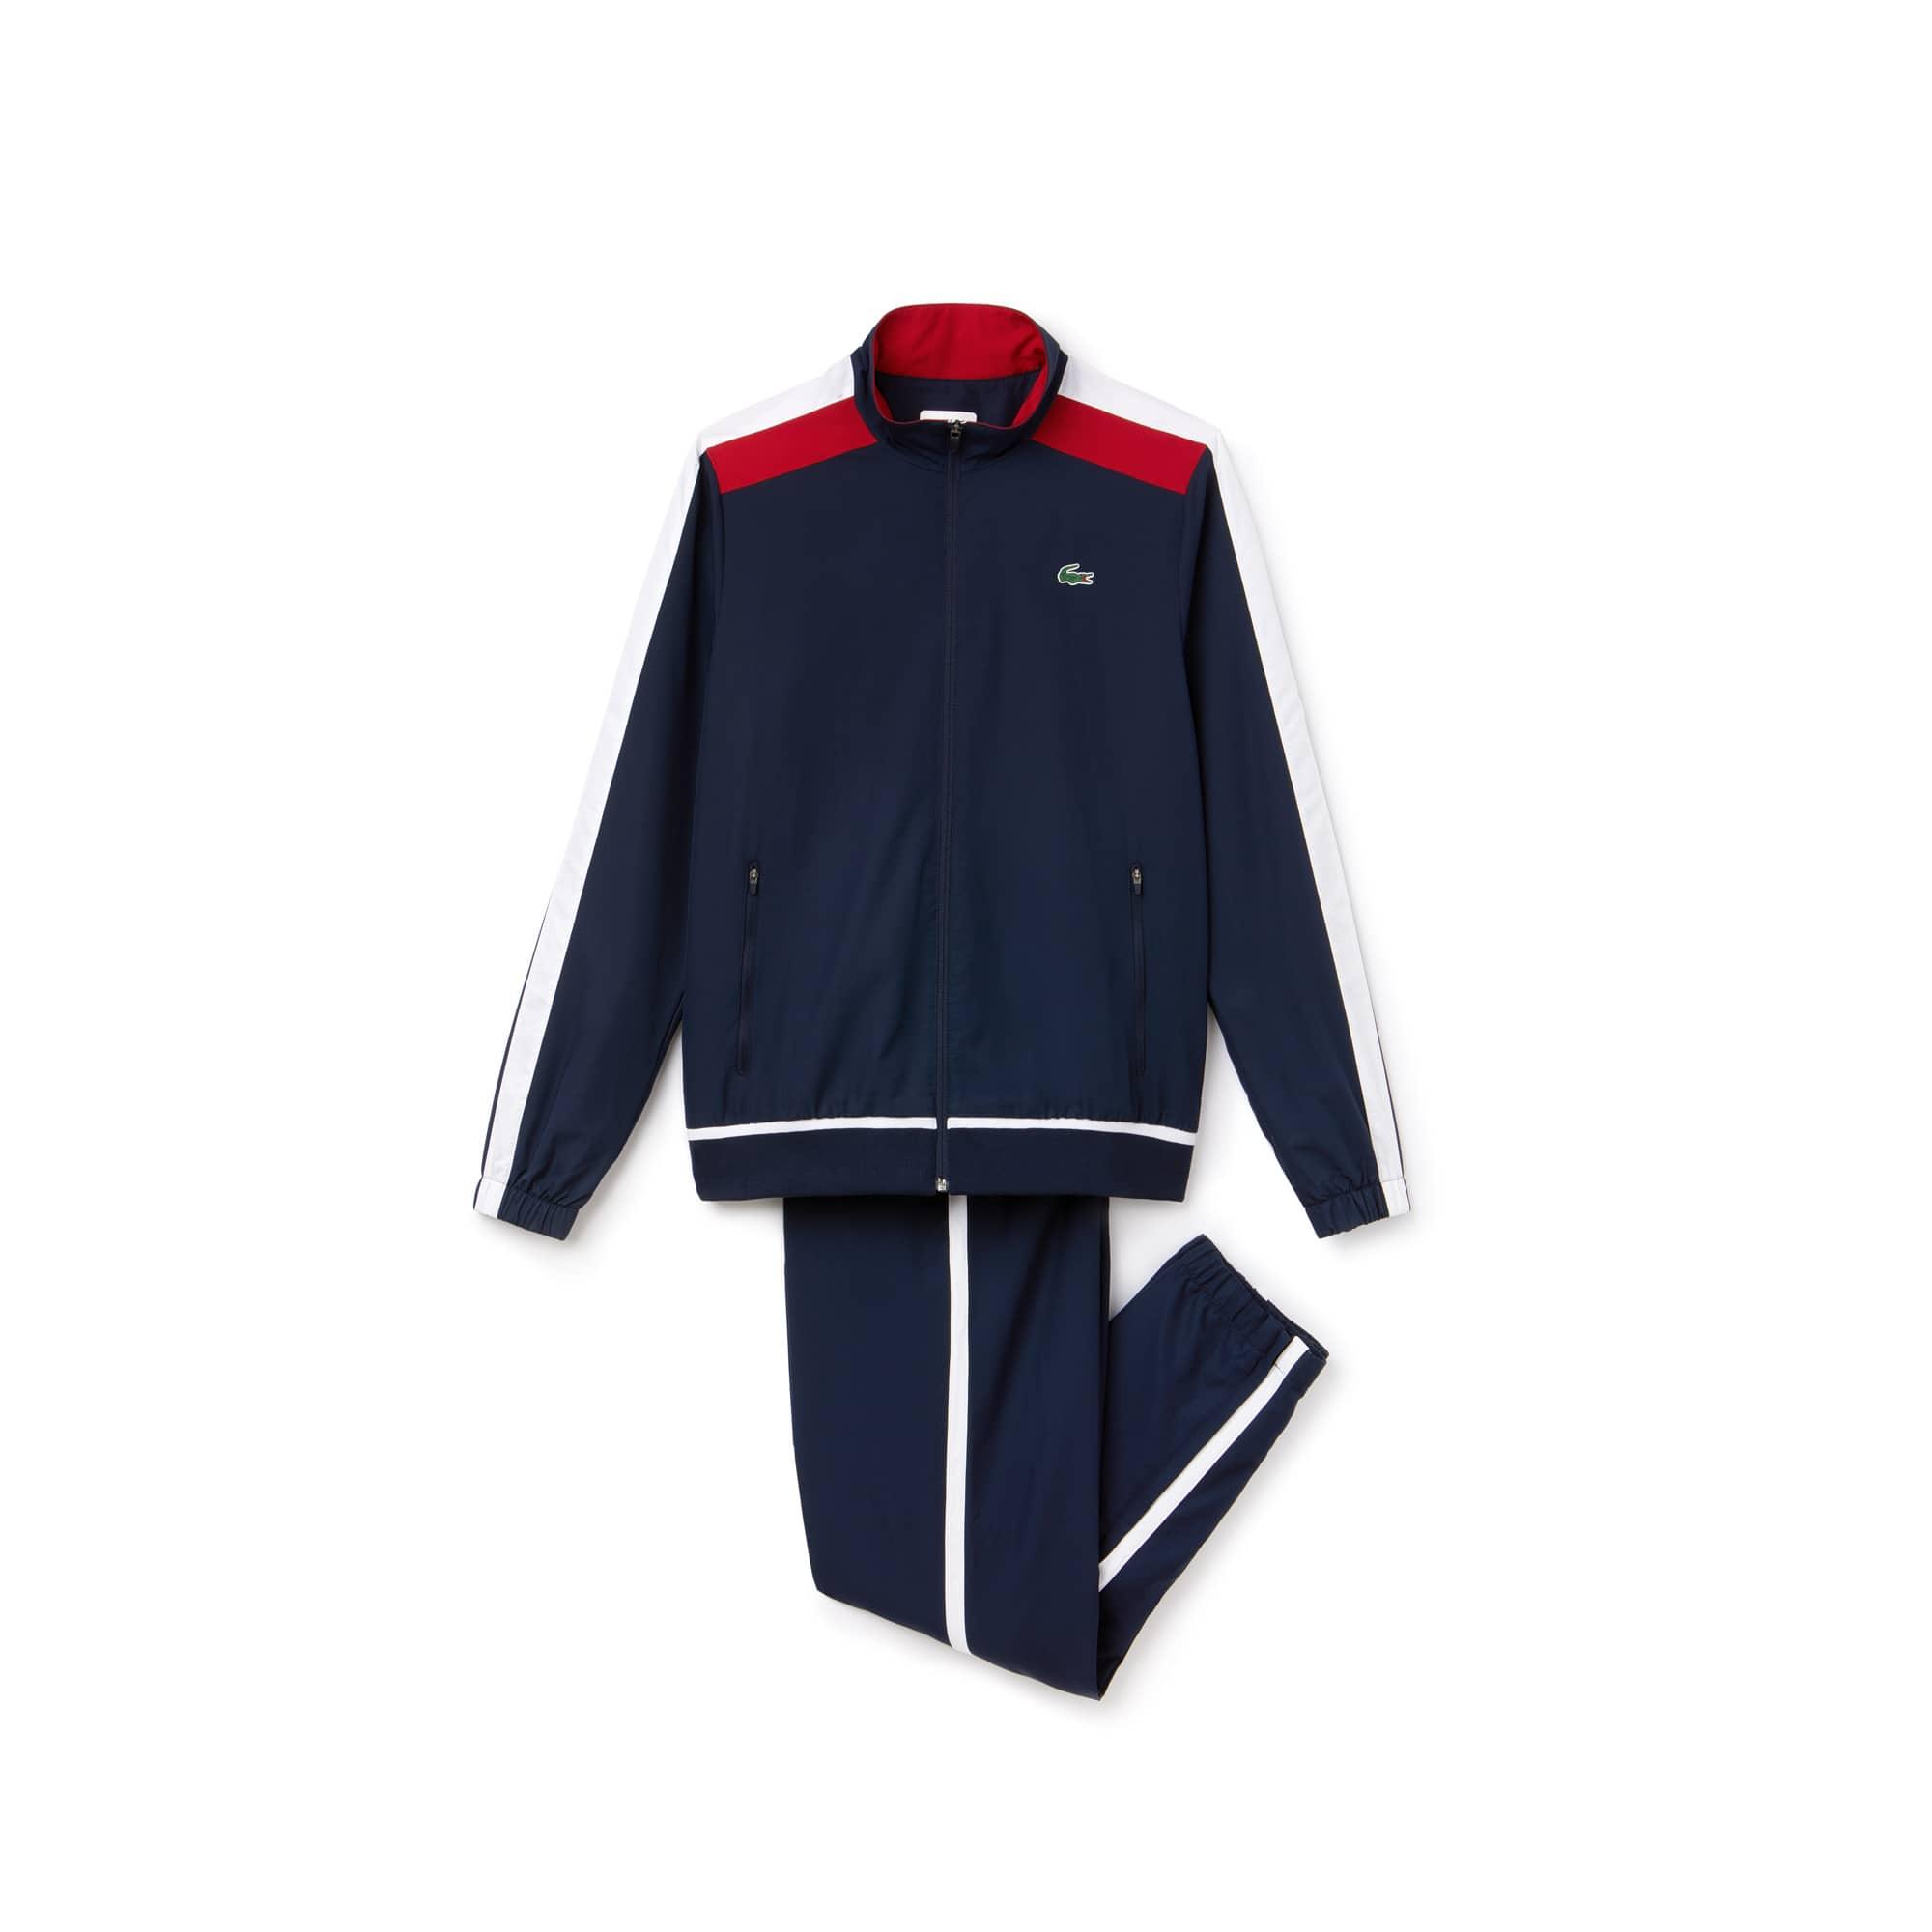 라코스테 스포츠 트랙 수트 Lacoste Mens SPORT Colored Bands Taffeta Tennis Tracksuit,navy blue/white-lighthous